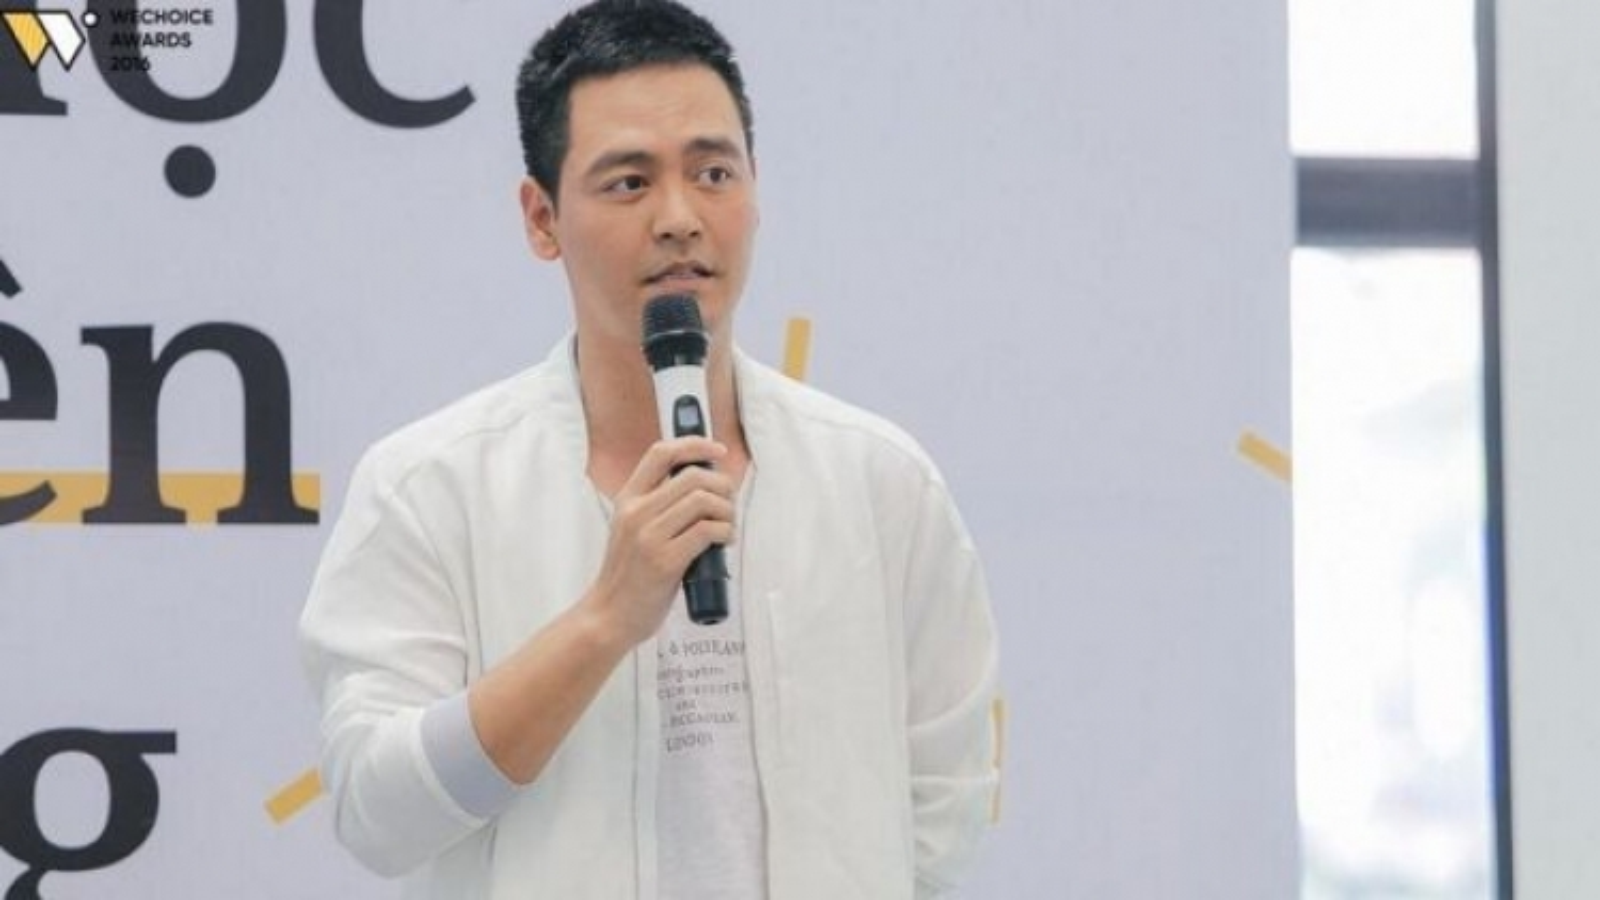 Chuyện showbiz: MC Phan Anh  thừa nhận sai sót trong việc làm từ thiện năm 2016